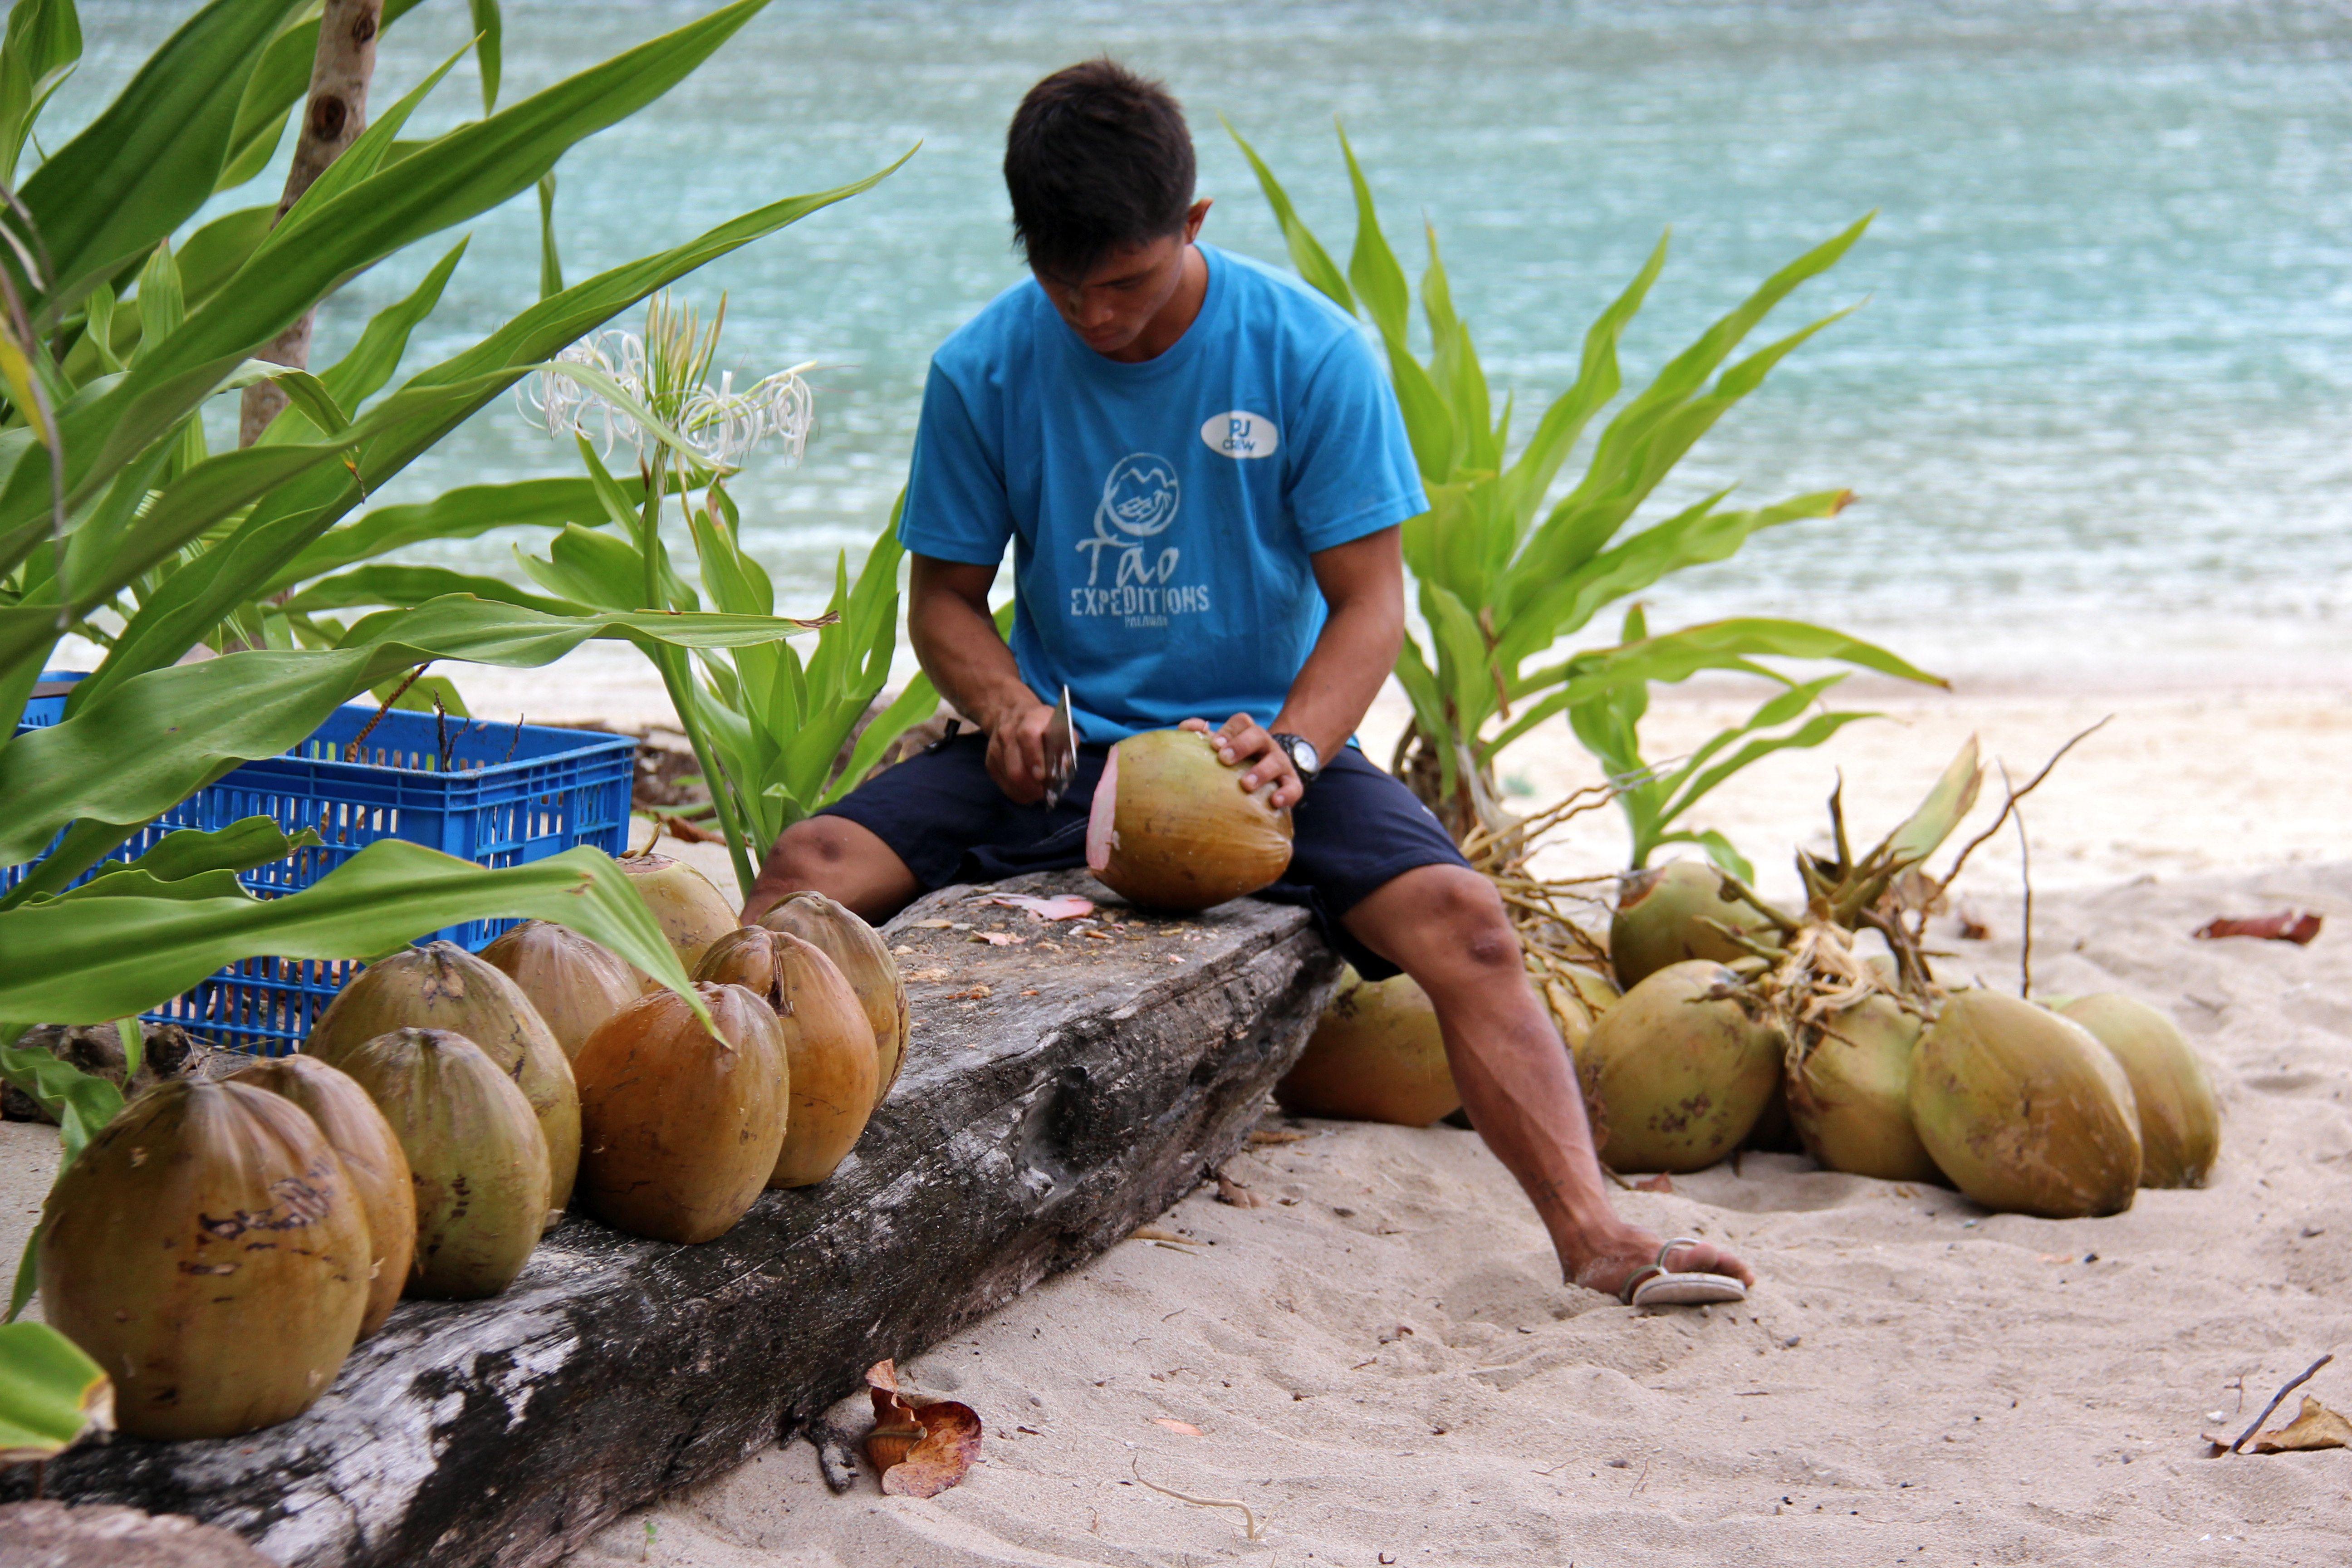 Préparation des noix de coco - Tao expeditions